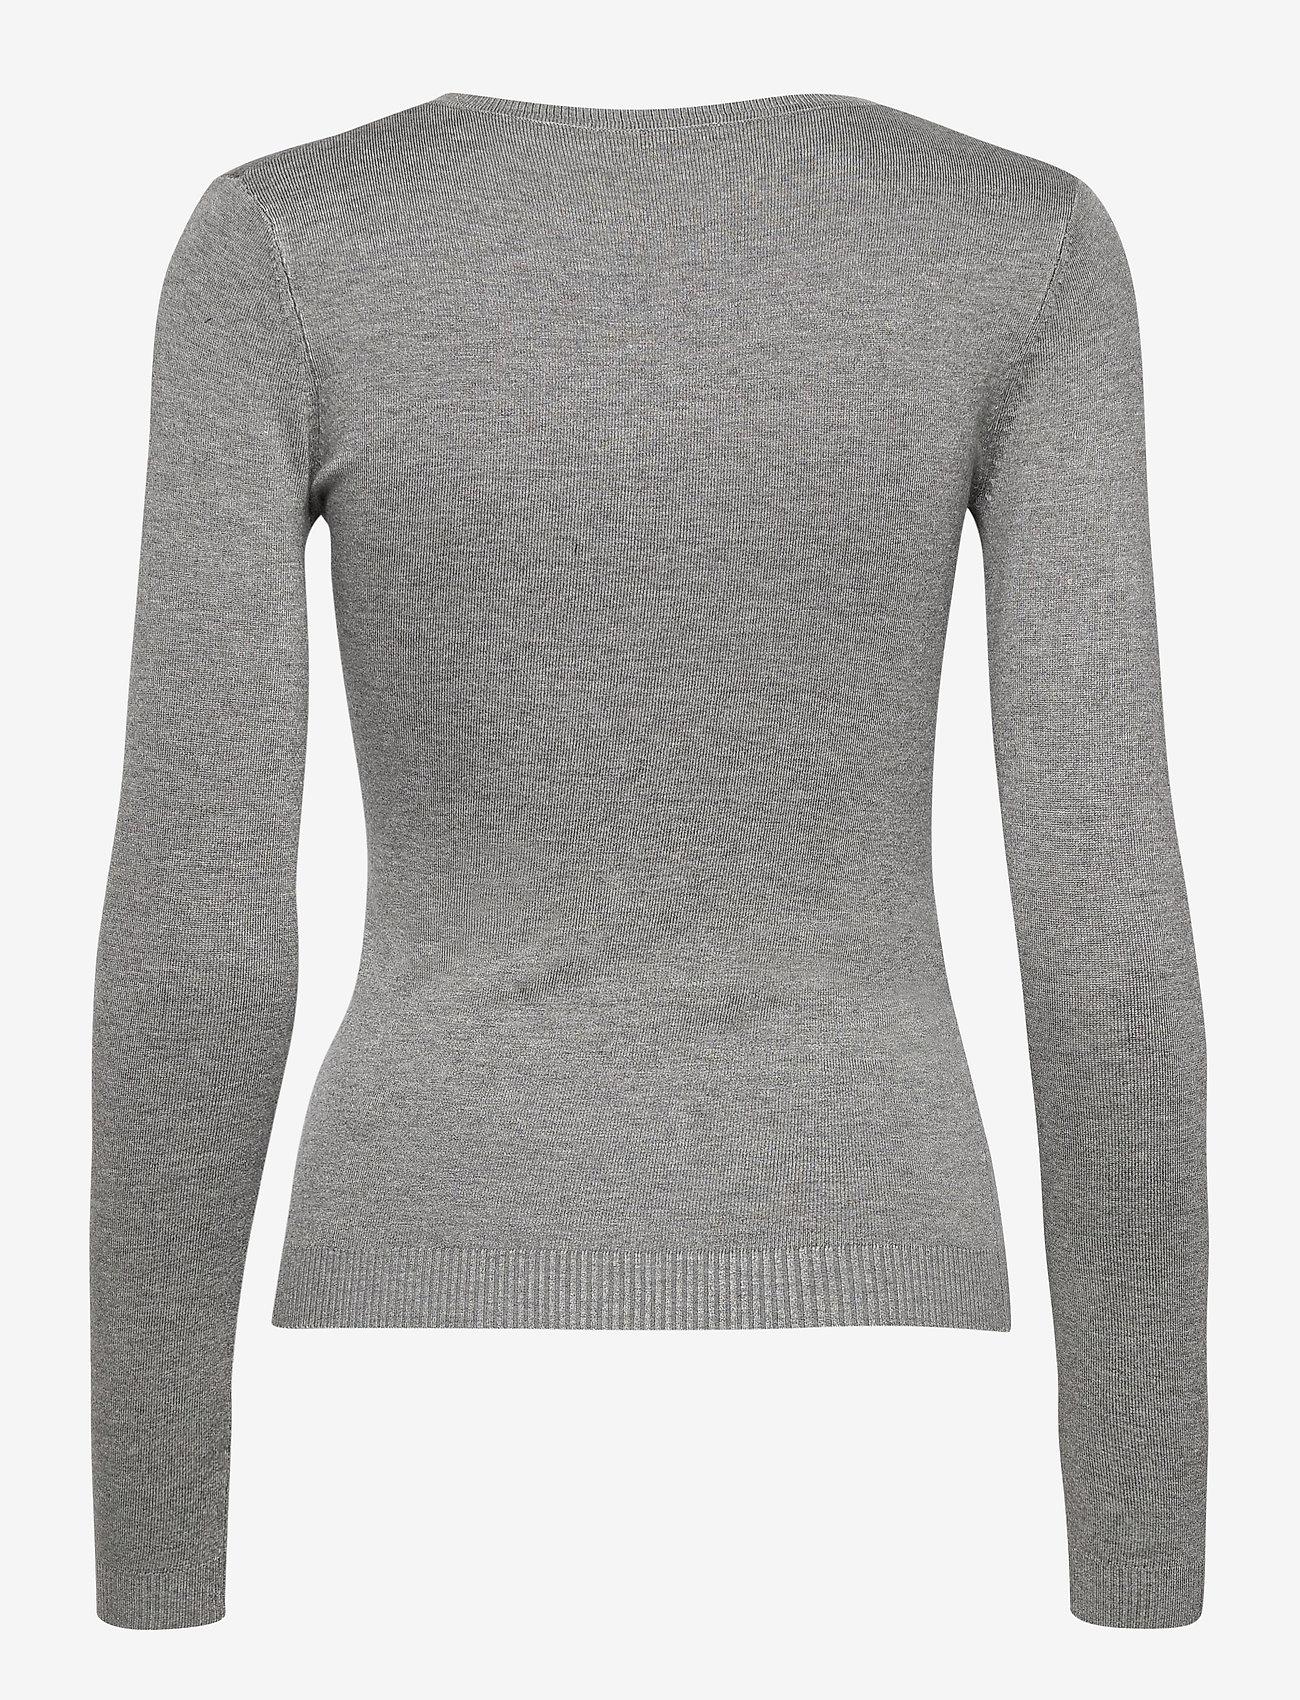 GUESS Jeans - ANGELINE V-NECK SWTR - tröjor - stone heather gre - 1